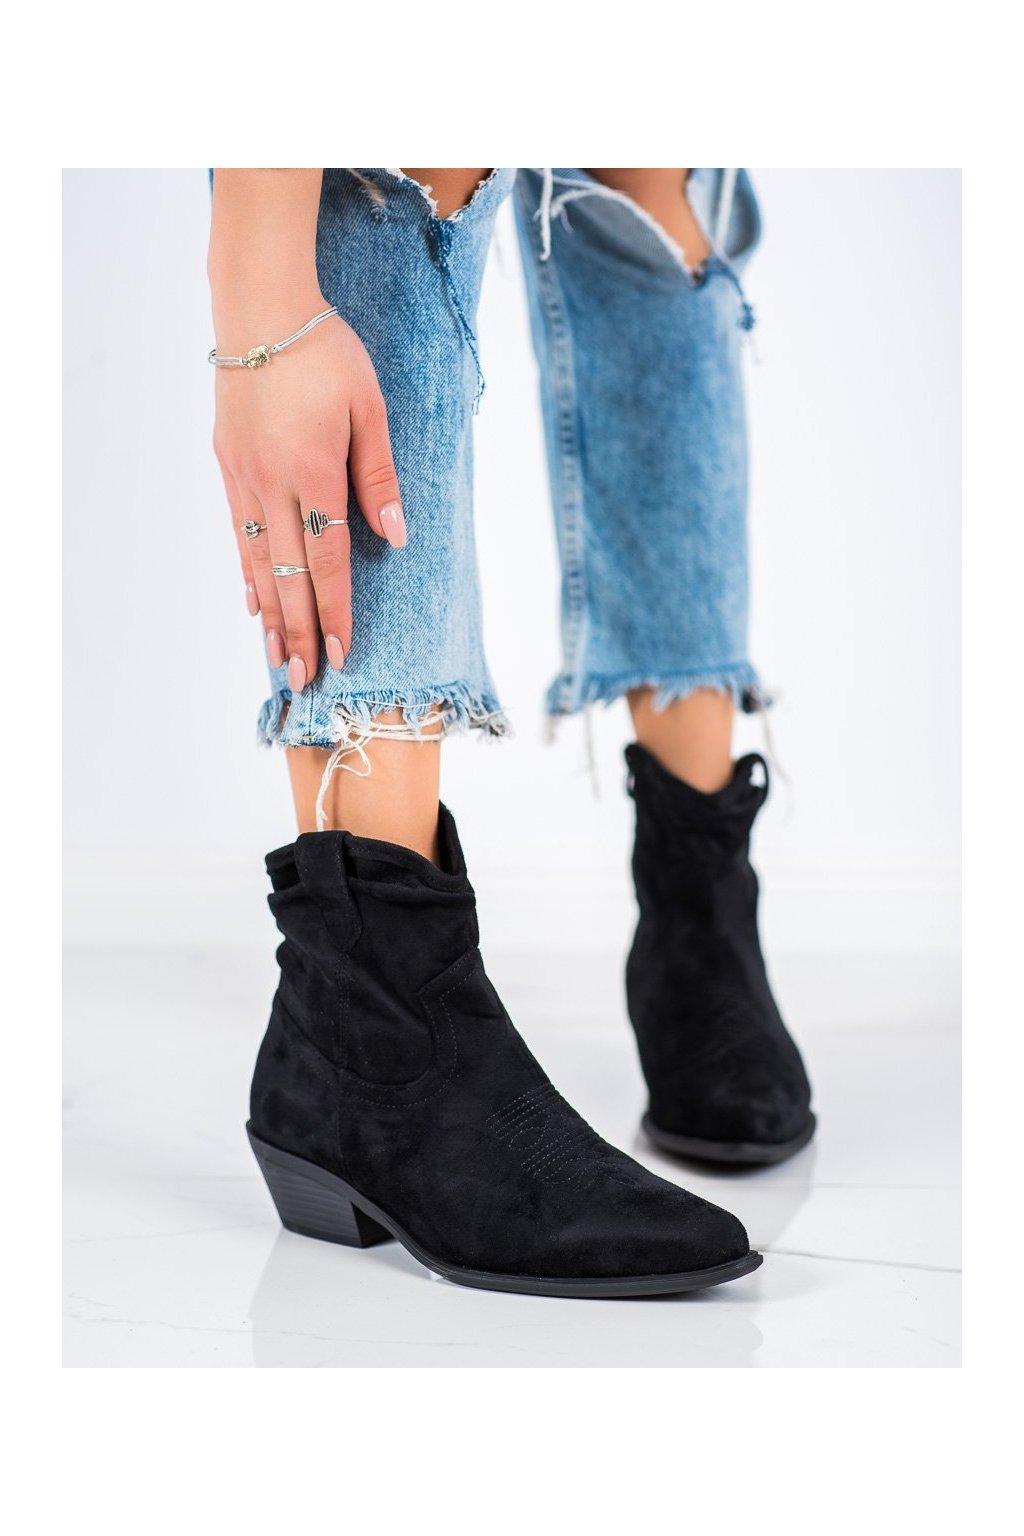 Čierne dámske topánky Cm paris kod 99-65B/B